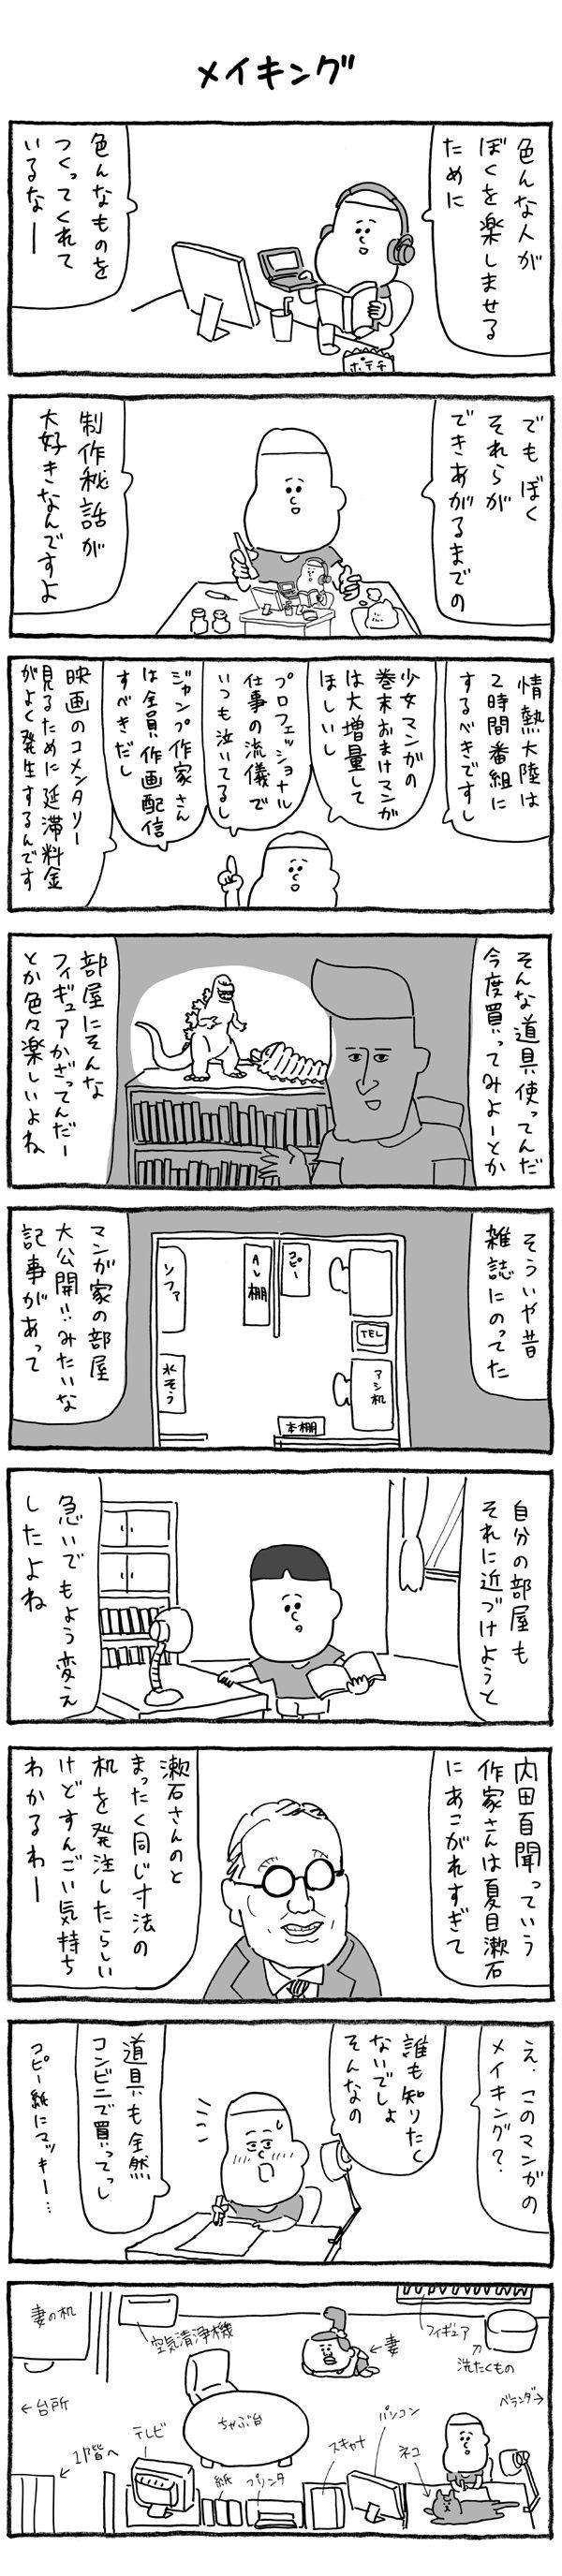 小山健 | マンガ | Sony Select | VAIOパーソナルコンピューター | ソニー